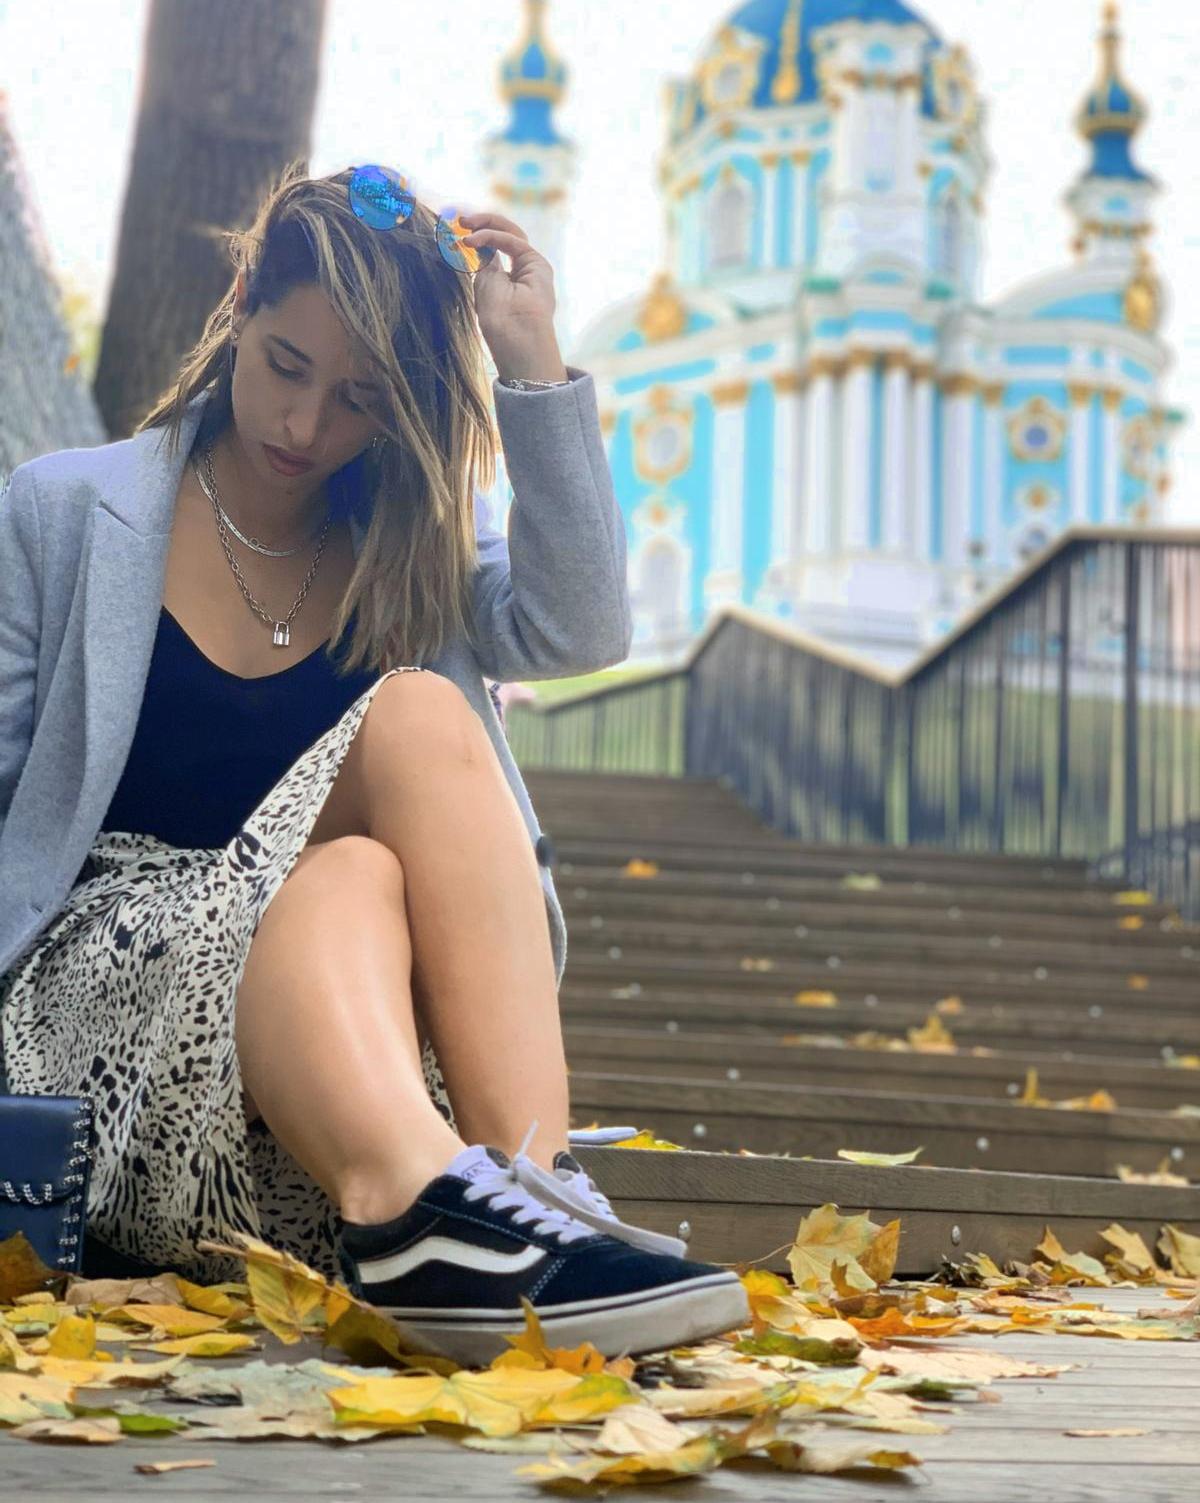 קייב אוקראינה העיר הכי יפה בעולם